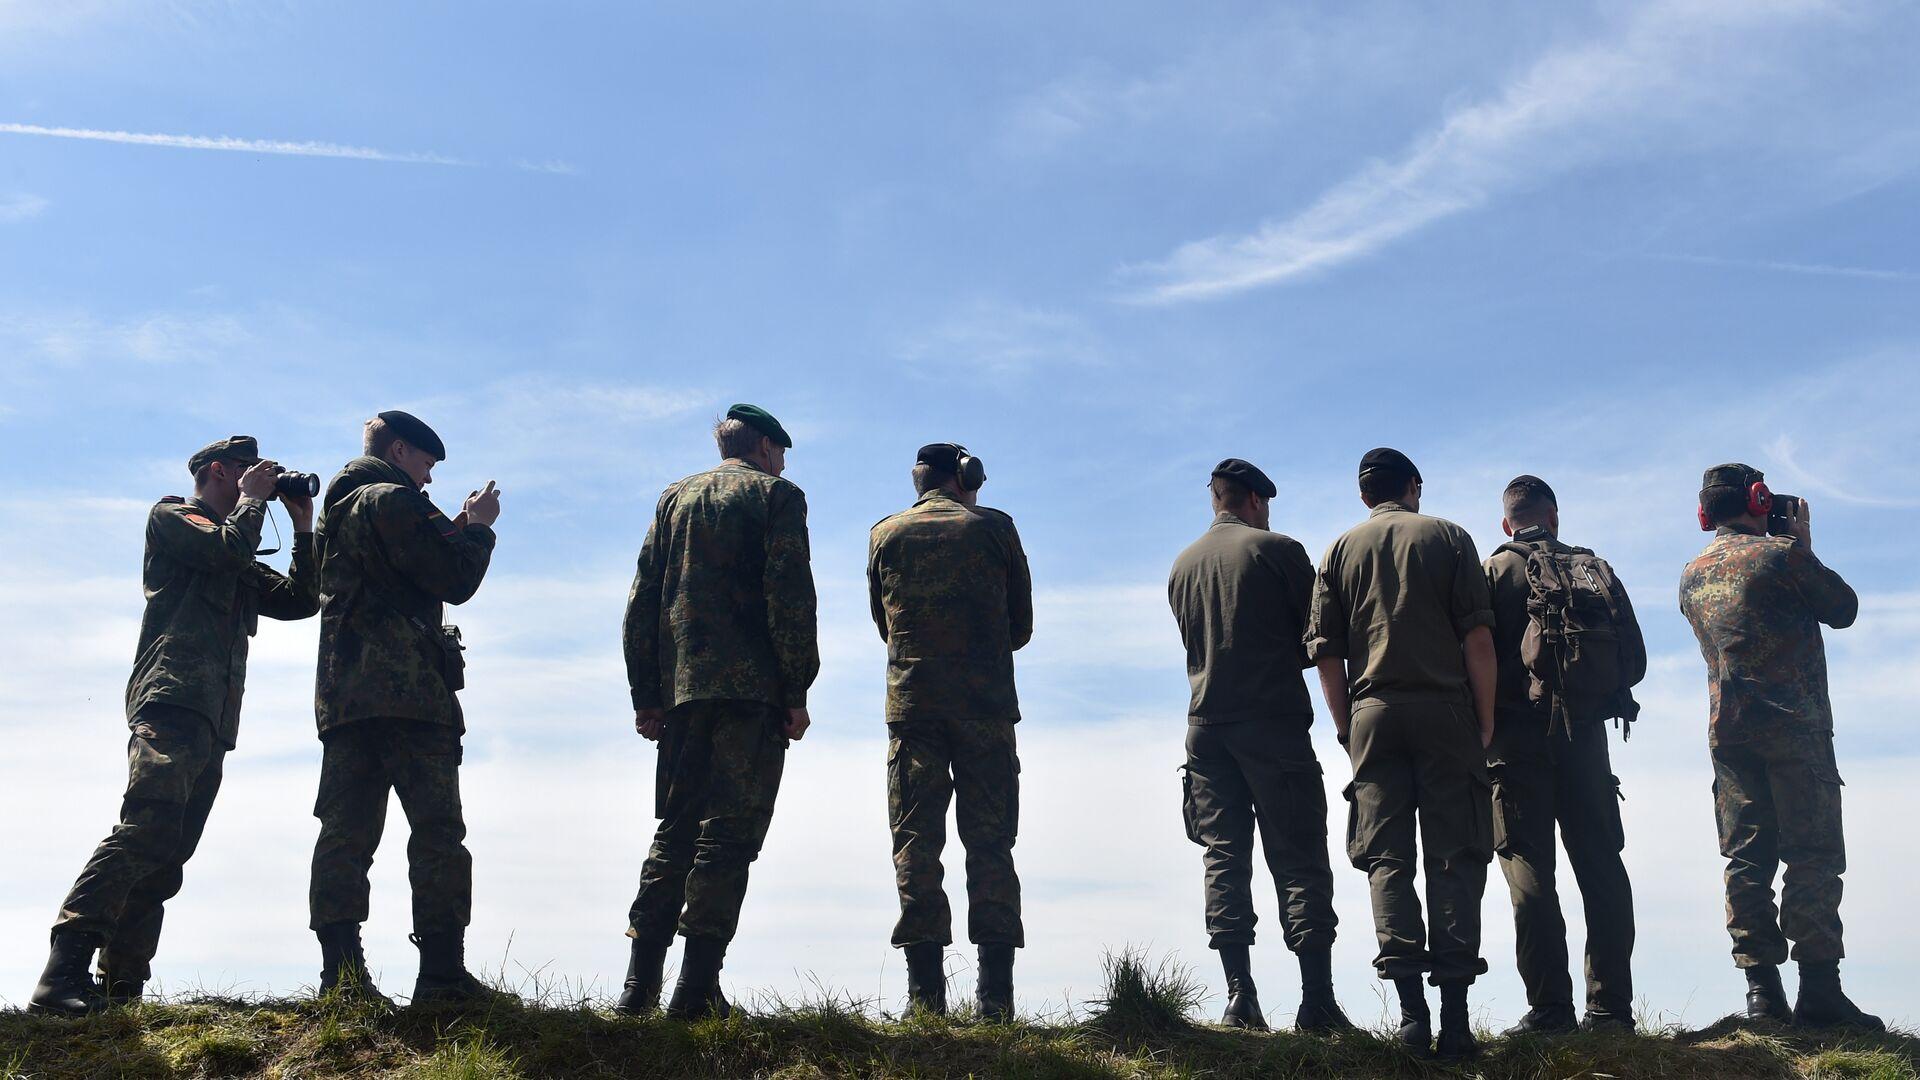 Солдаты Бундесвера во время учений в Германии  - РИА Новости, 1920, 16.06.2021